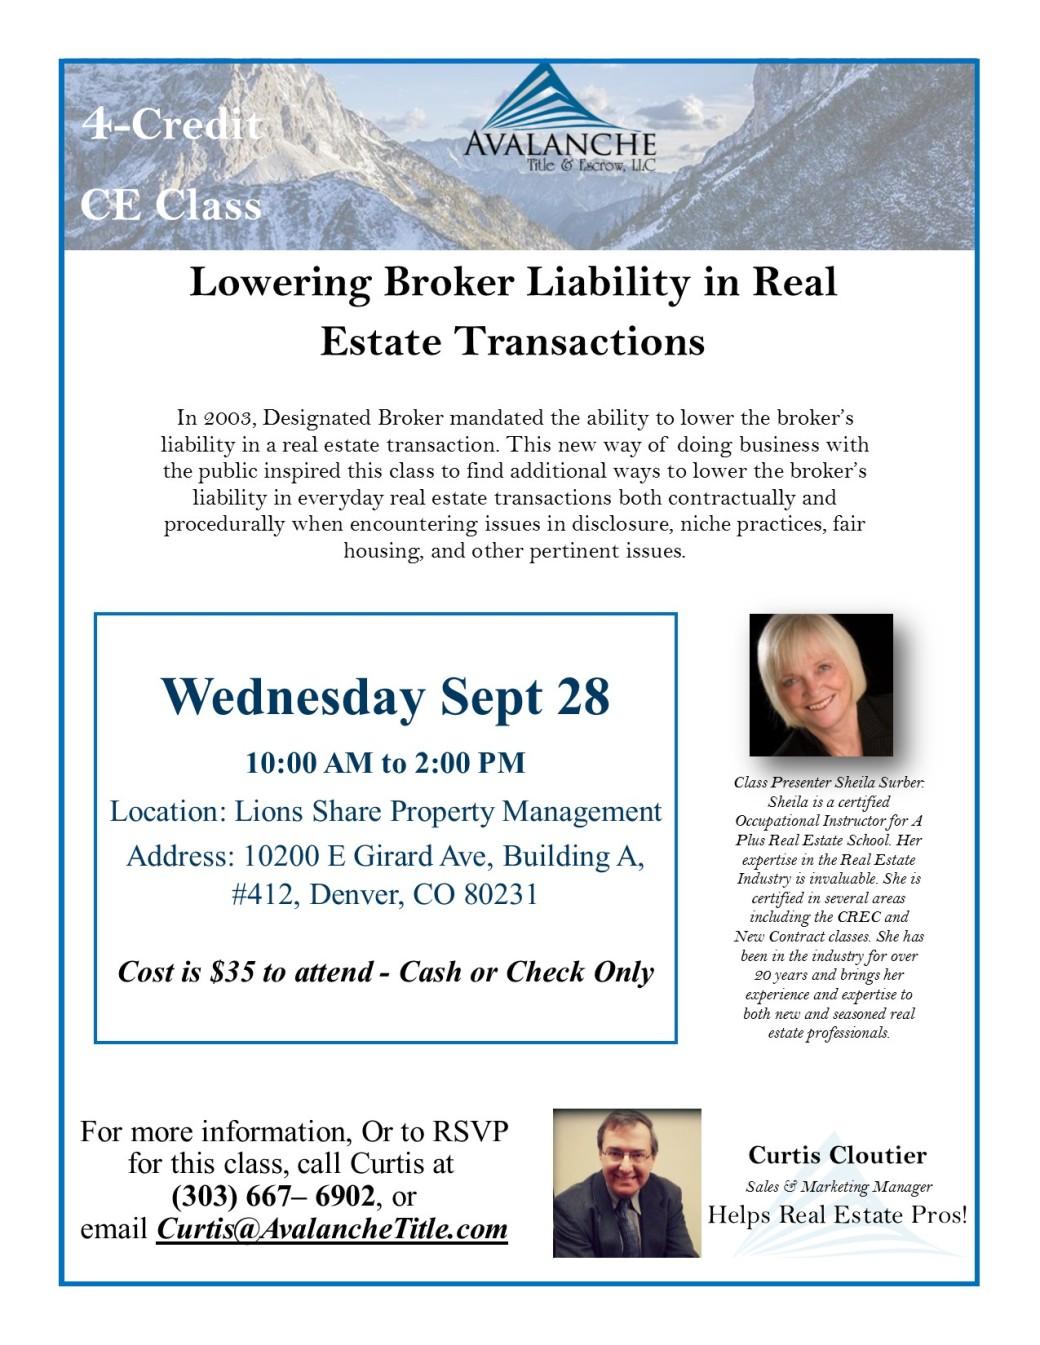 Lowering Broker Liability - Shelia Suber - September 28.jpg